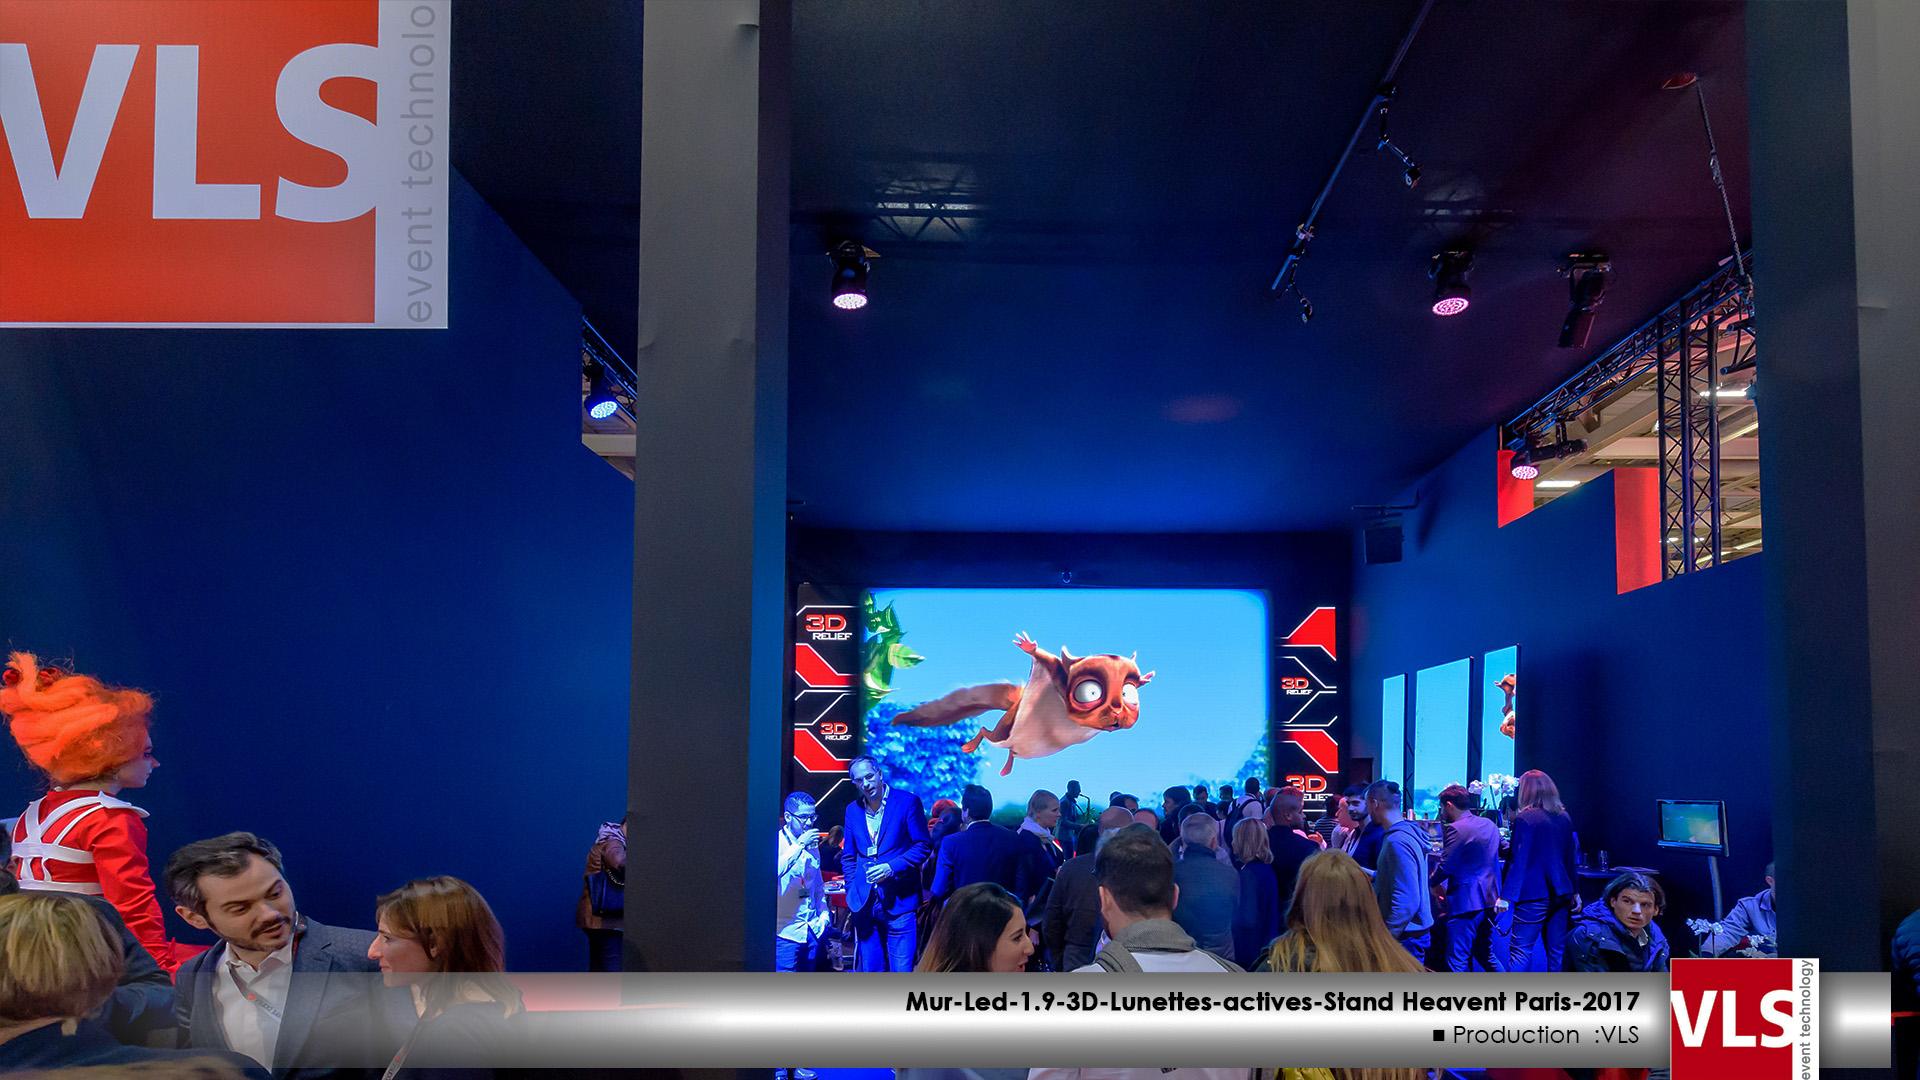 Mur LED 3D stand VLS heavent Paris 2017